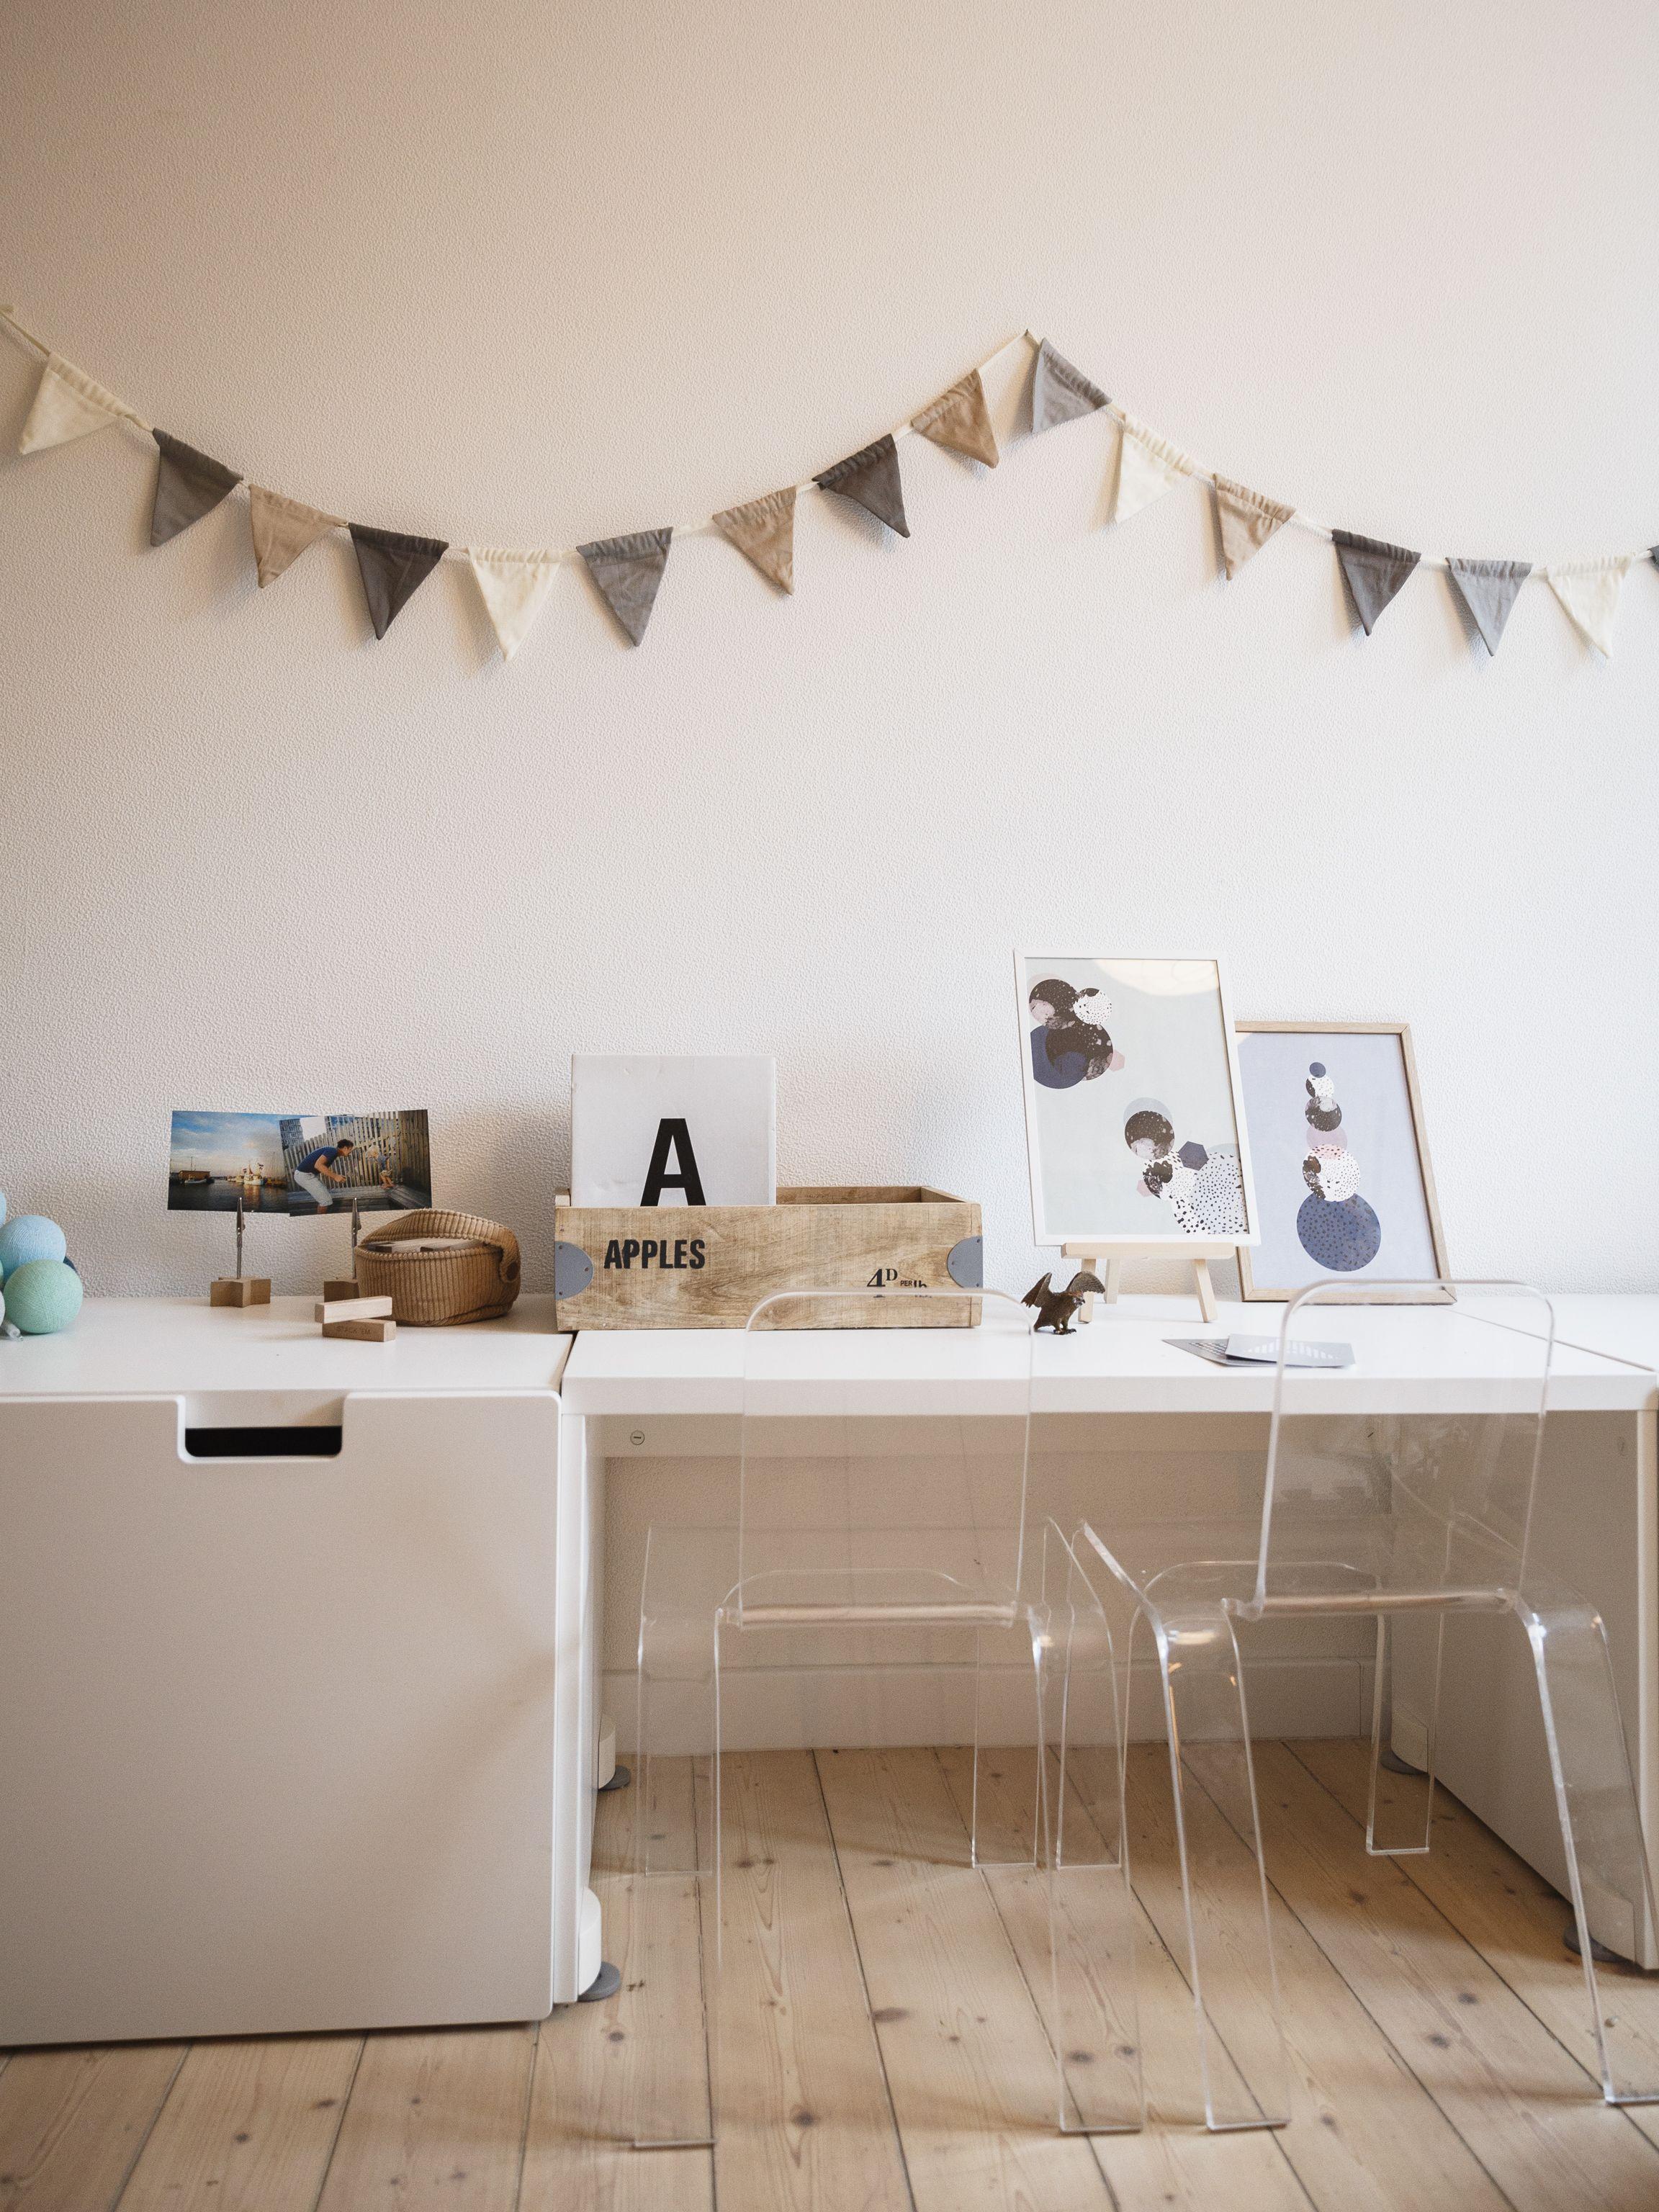 Blickfang Schreibtisch Ideen Galerie Von An Diesem Kinder-schreibtisch Ist Ausreichend Platz Für